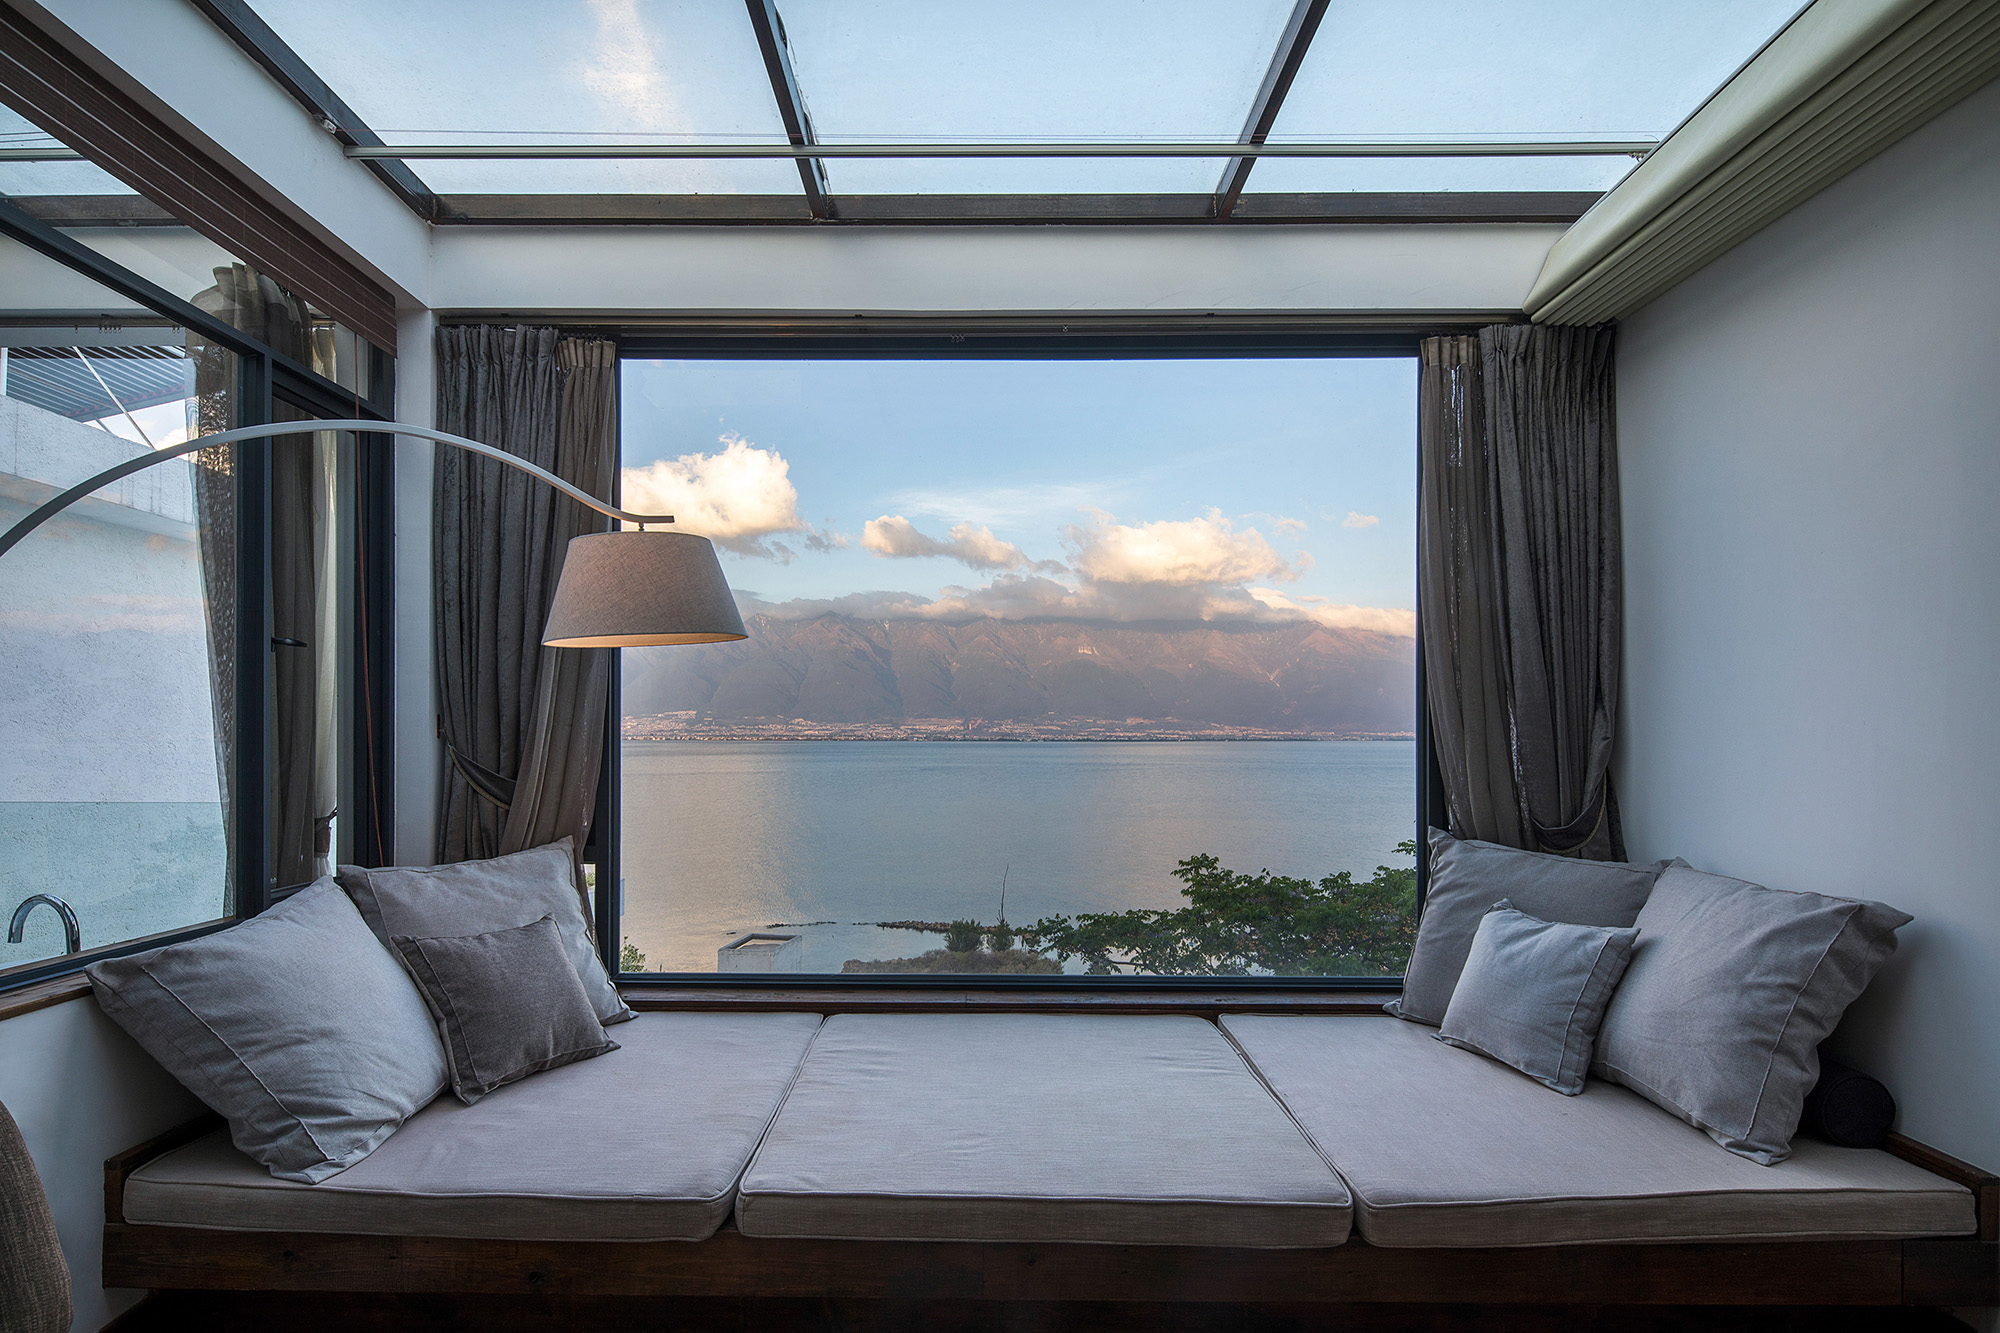 09 客房601或701 窗与框景(存在建筑—建筑摄影)